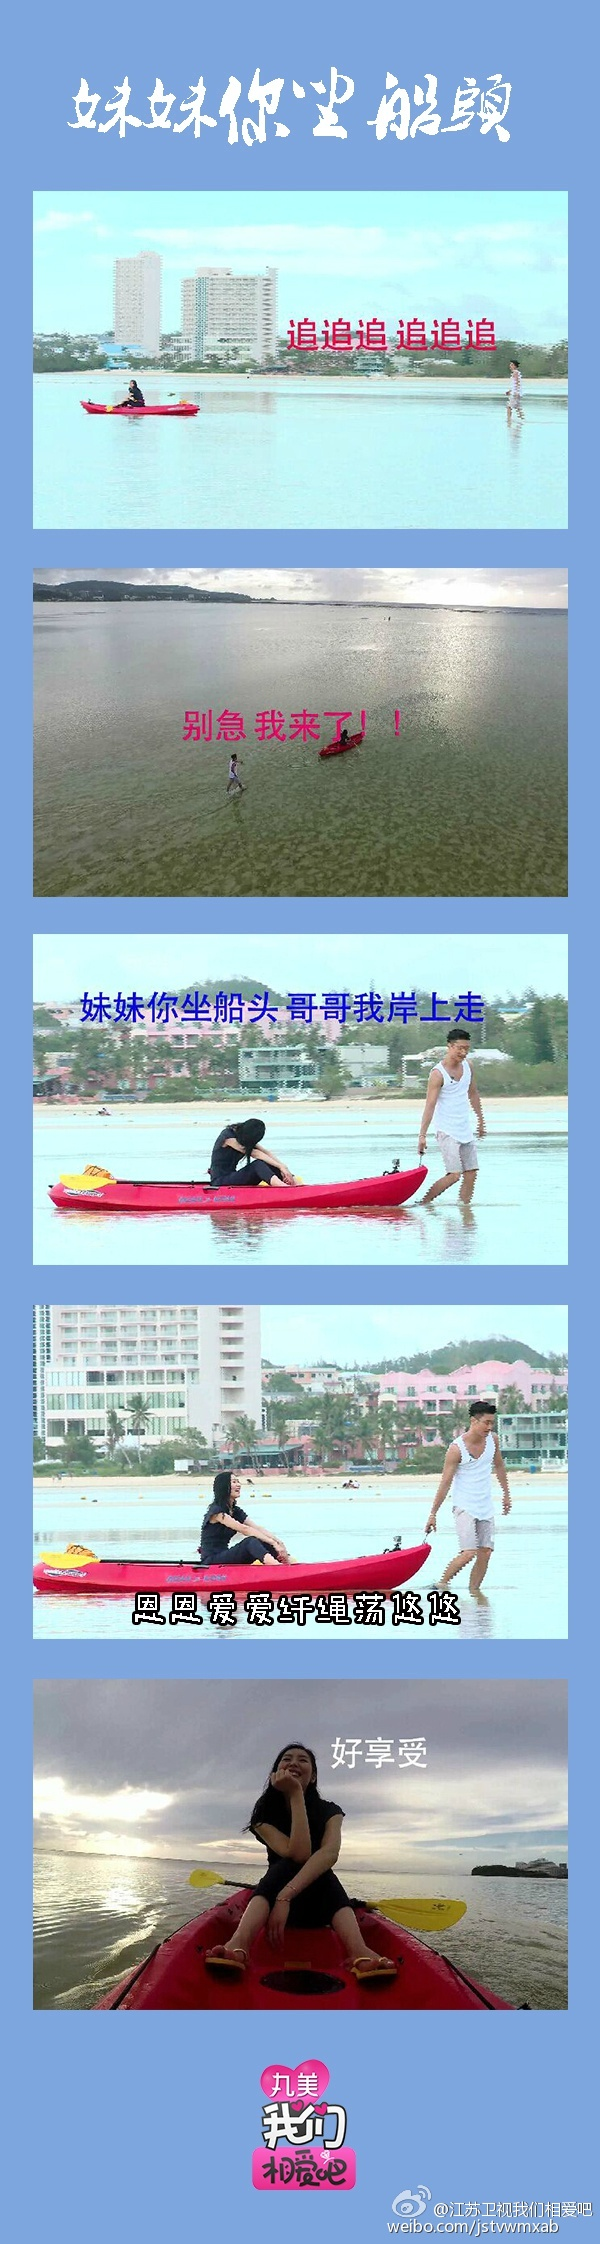 150712~13 江苏卫视我们相爱吧 Weibo Update with Siwon and Liu Wen10